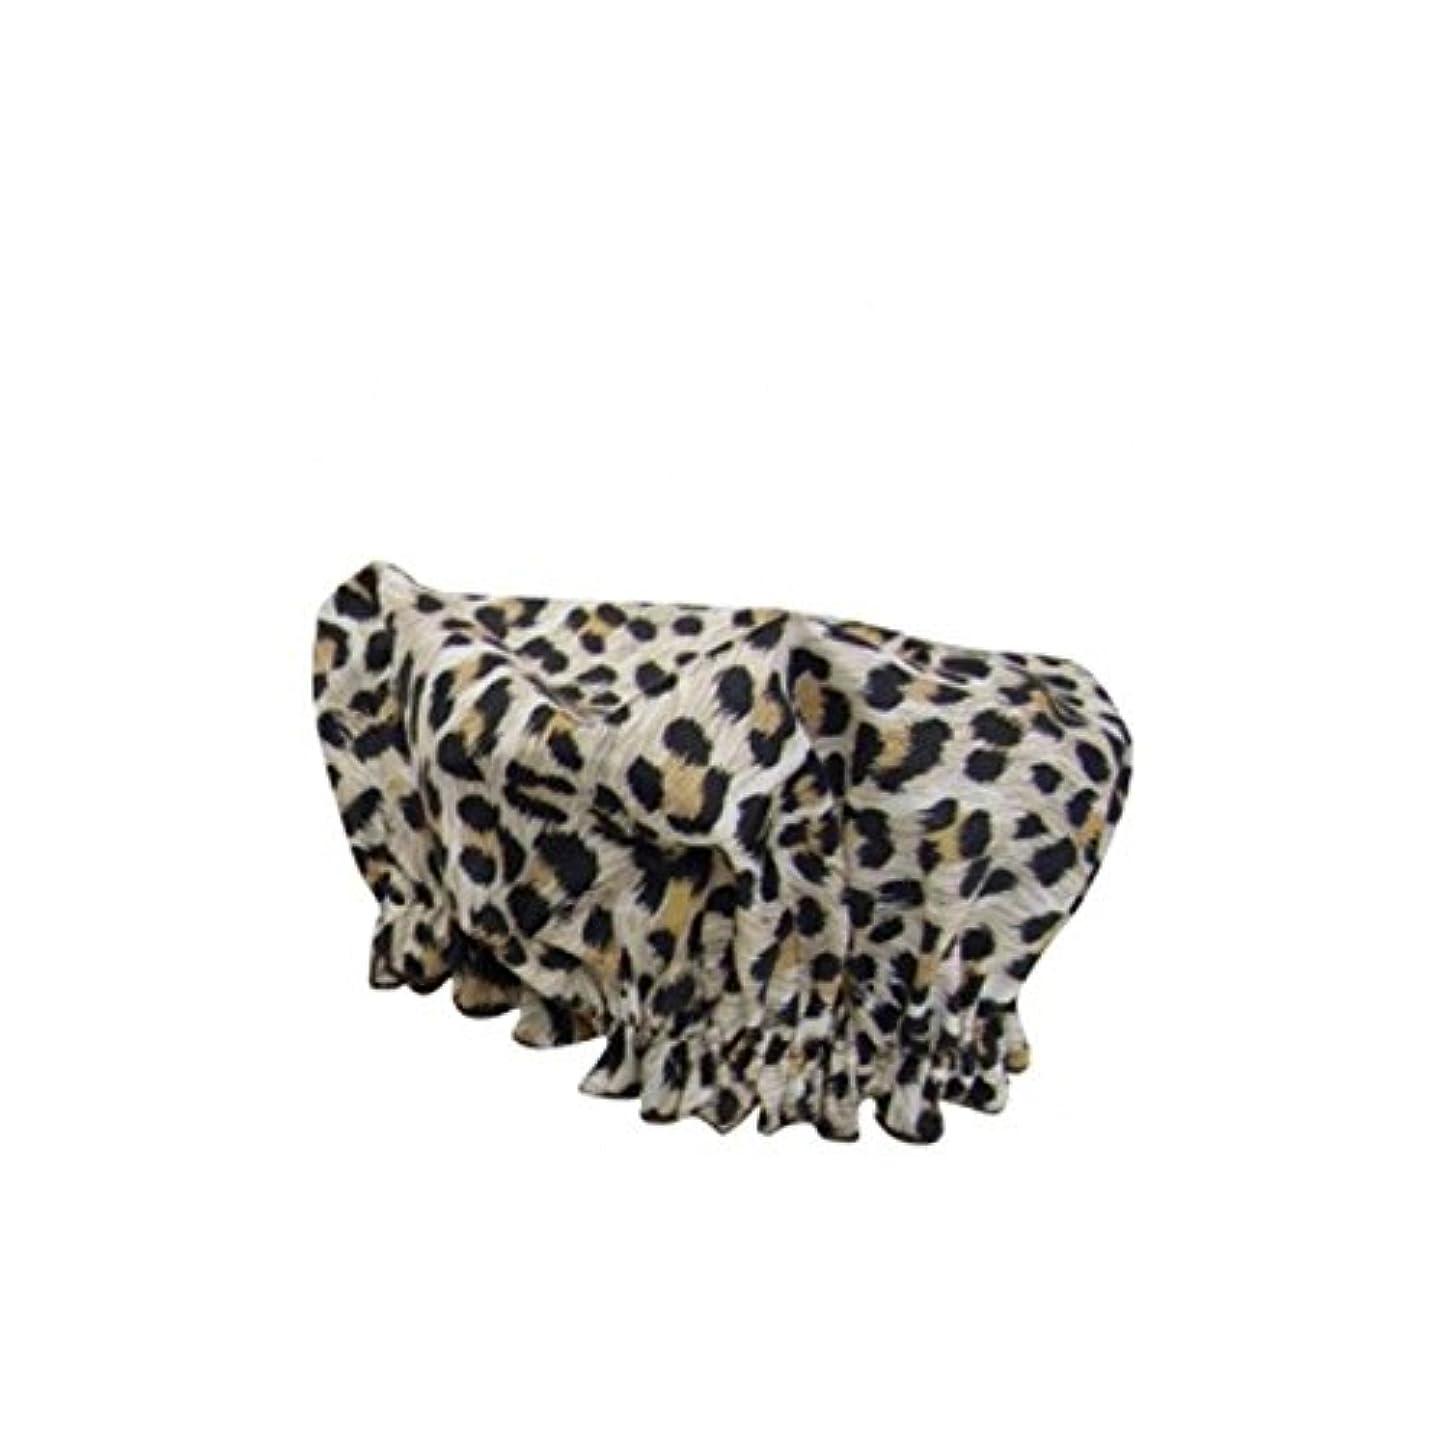 栄養風刺電気Hydrea London Eco Friendly Shower Cap - Leopard (Pack of 6) - ハイドレアロンドンのエコフレンドリーシャワーキャップ - ヒョウ x6 [並行輸入品]